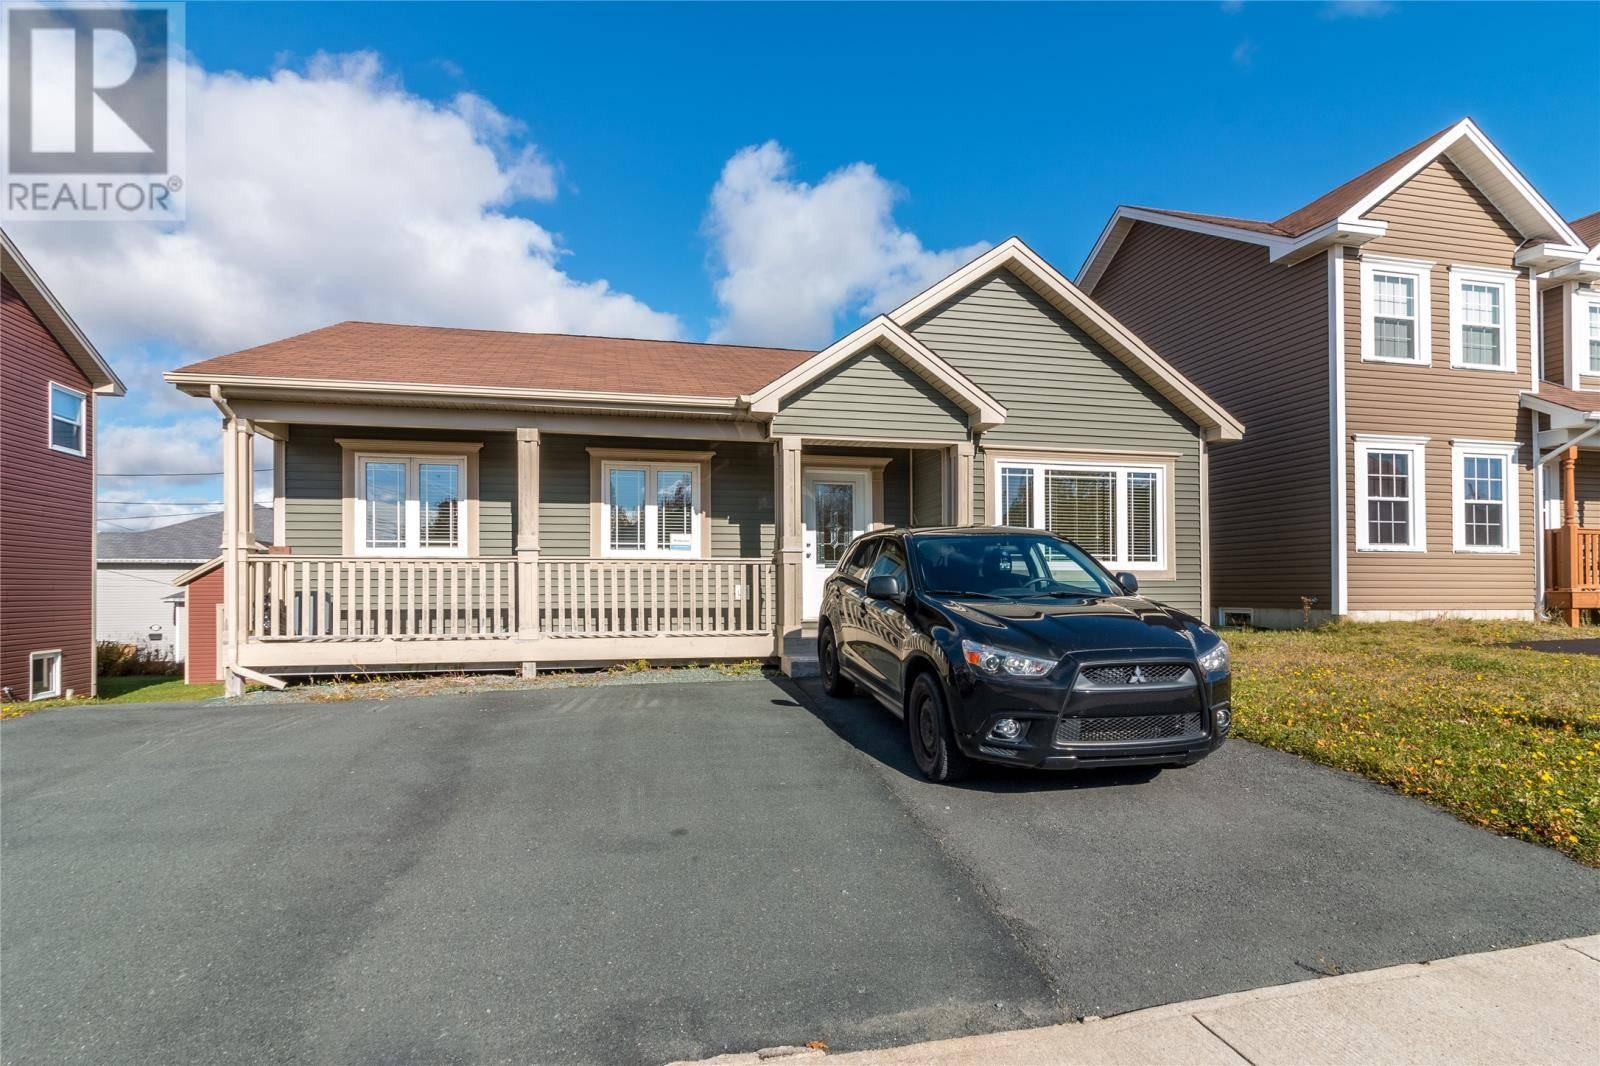 House for sale at 3 Rosemarkie St St. John's Newfoundland - MLS: 1192979